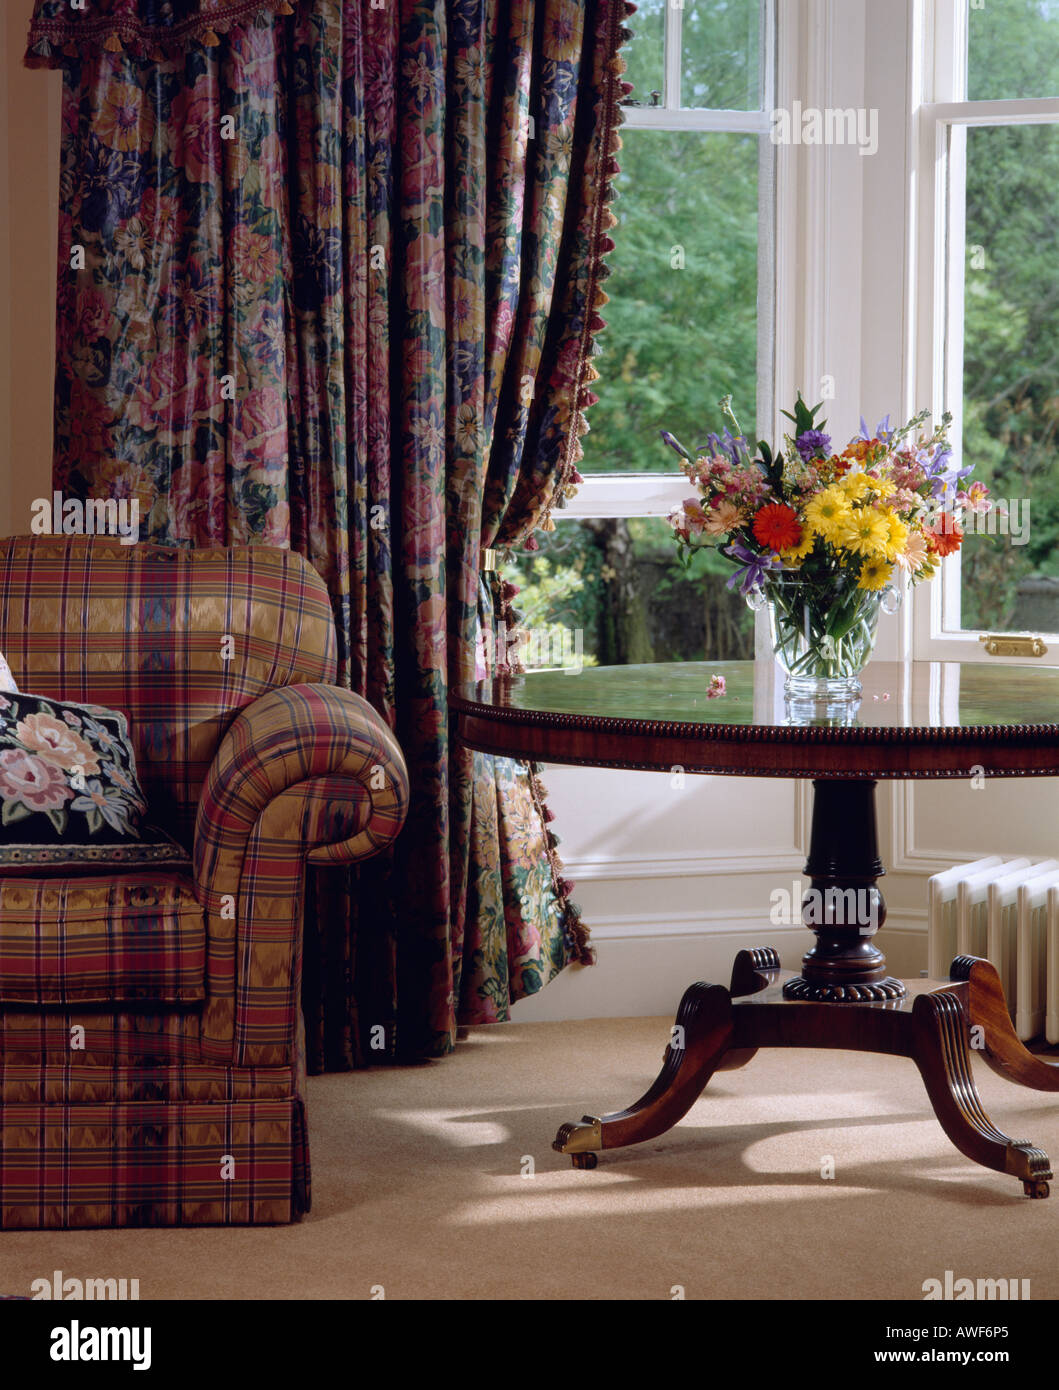 Antiker Tisch Vor Große Fenster Mit Blau + Rosa Floral Gardinen Im  Wohnzimmer Mit Rosa Karierten Sofa